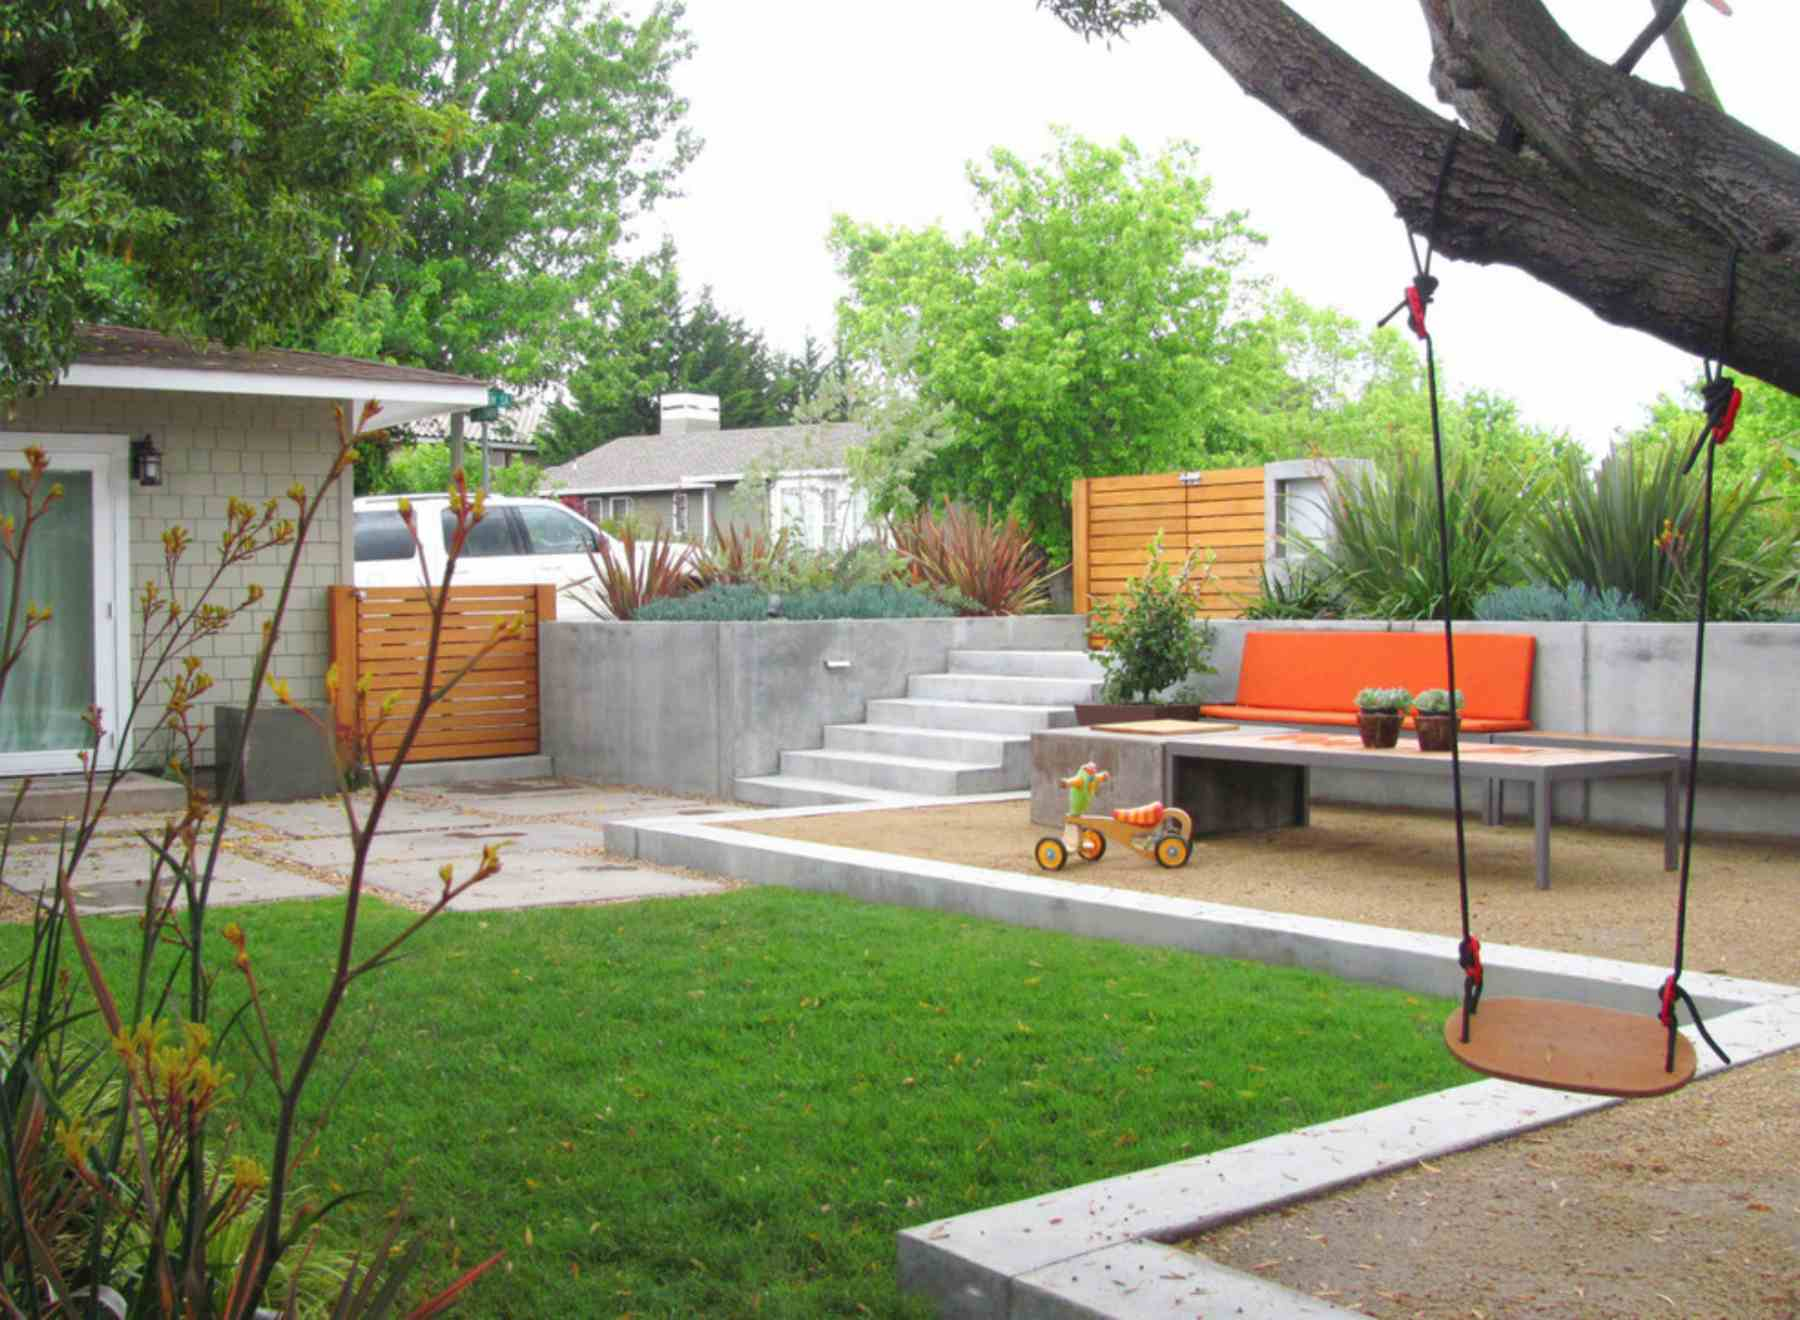 patio de juegos para niños al aire libre